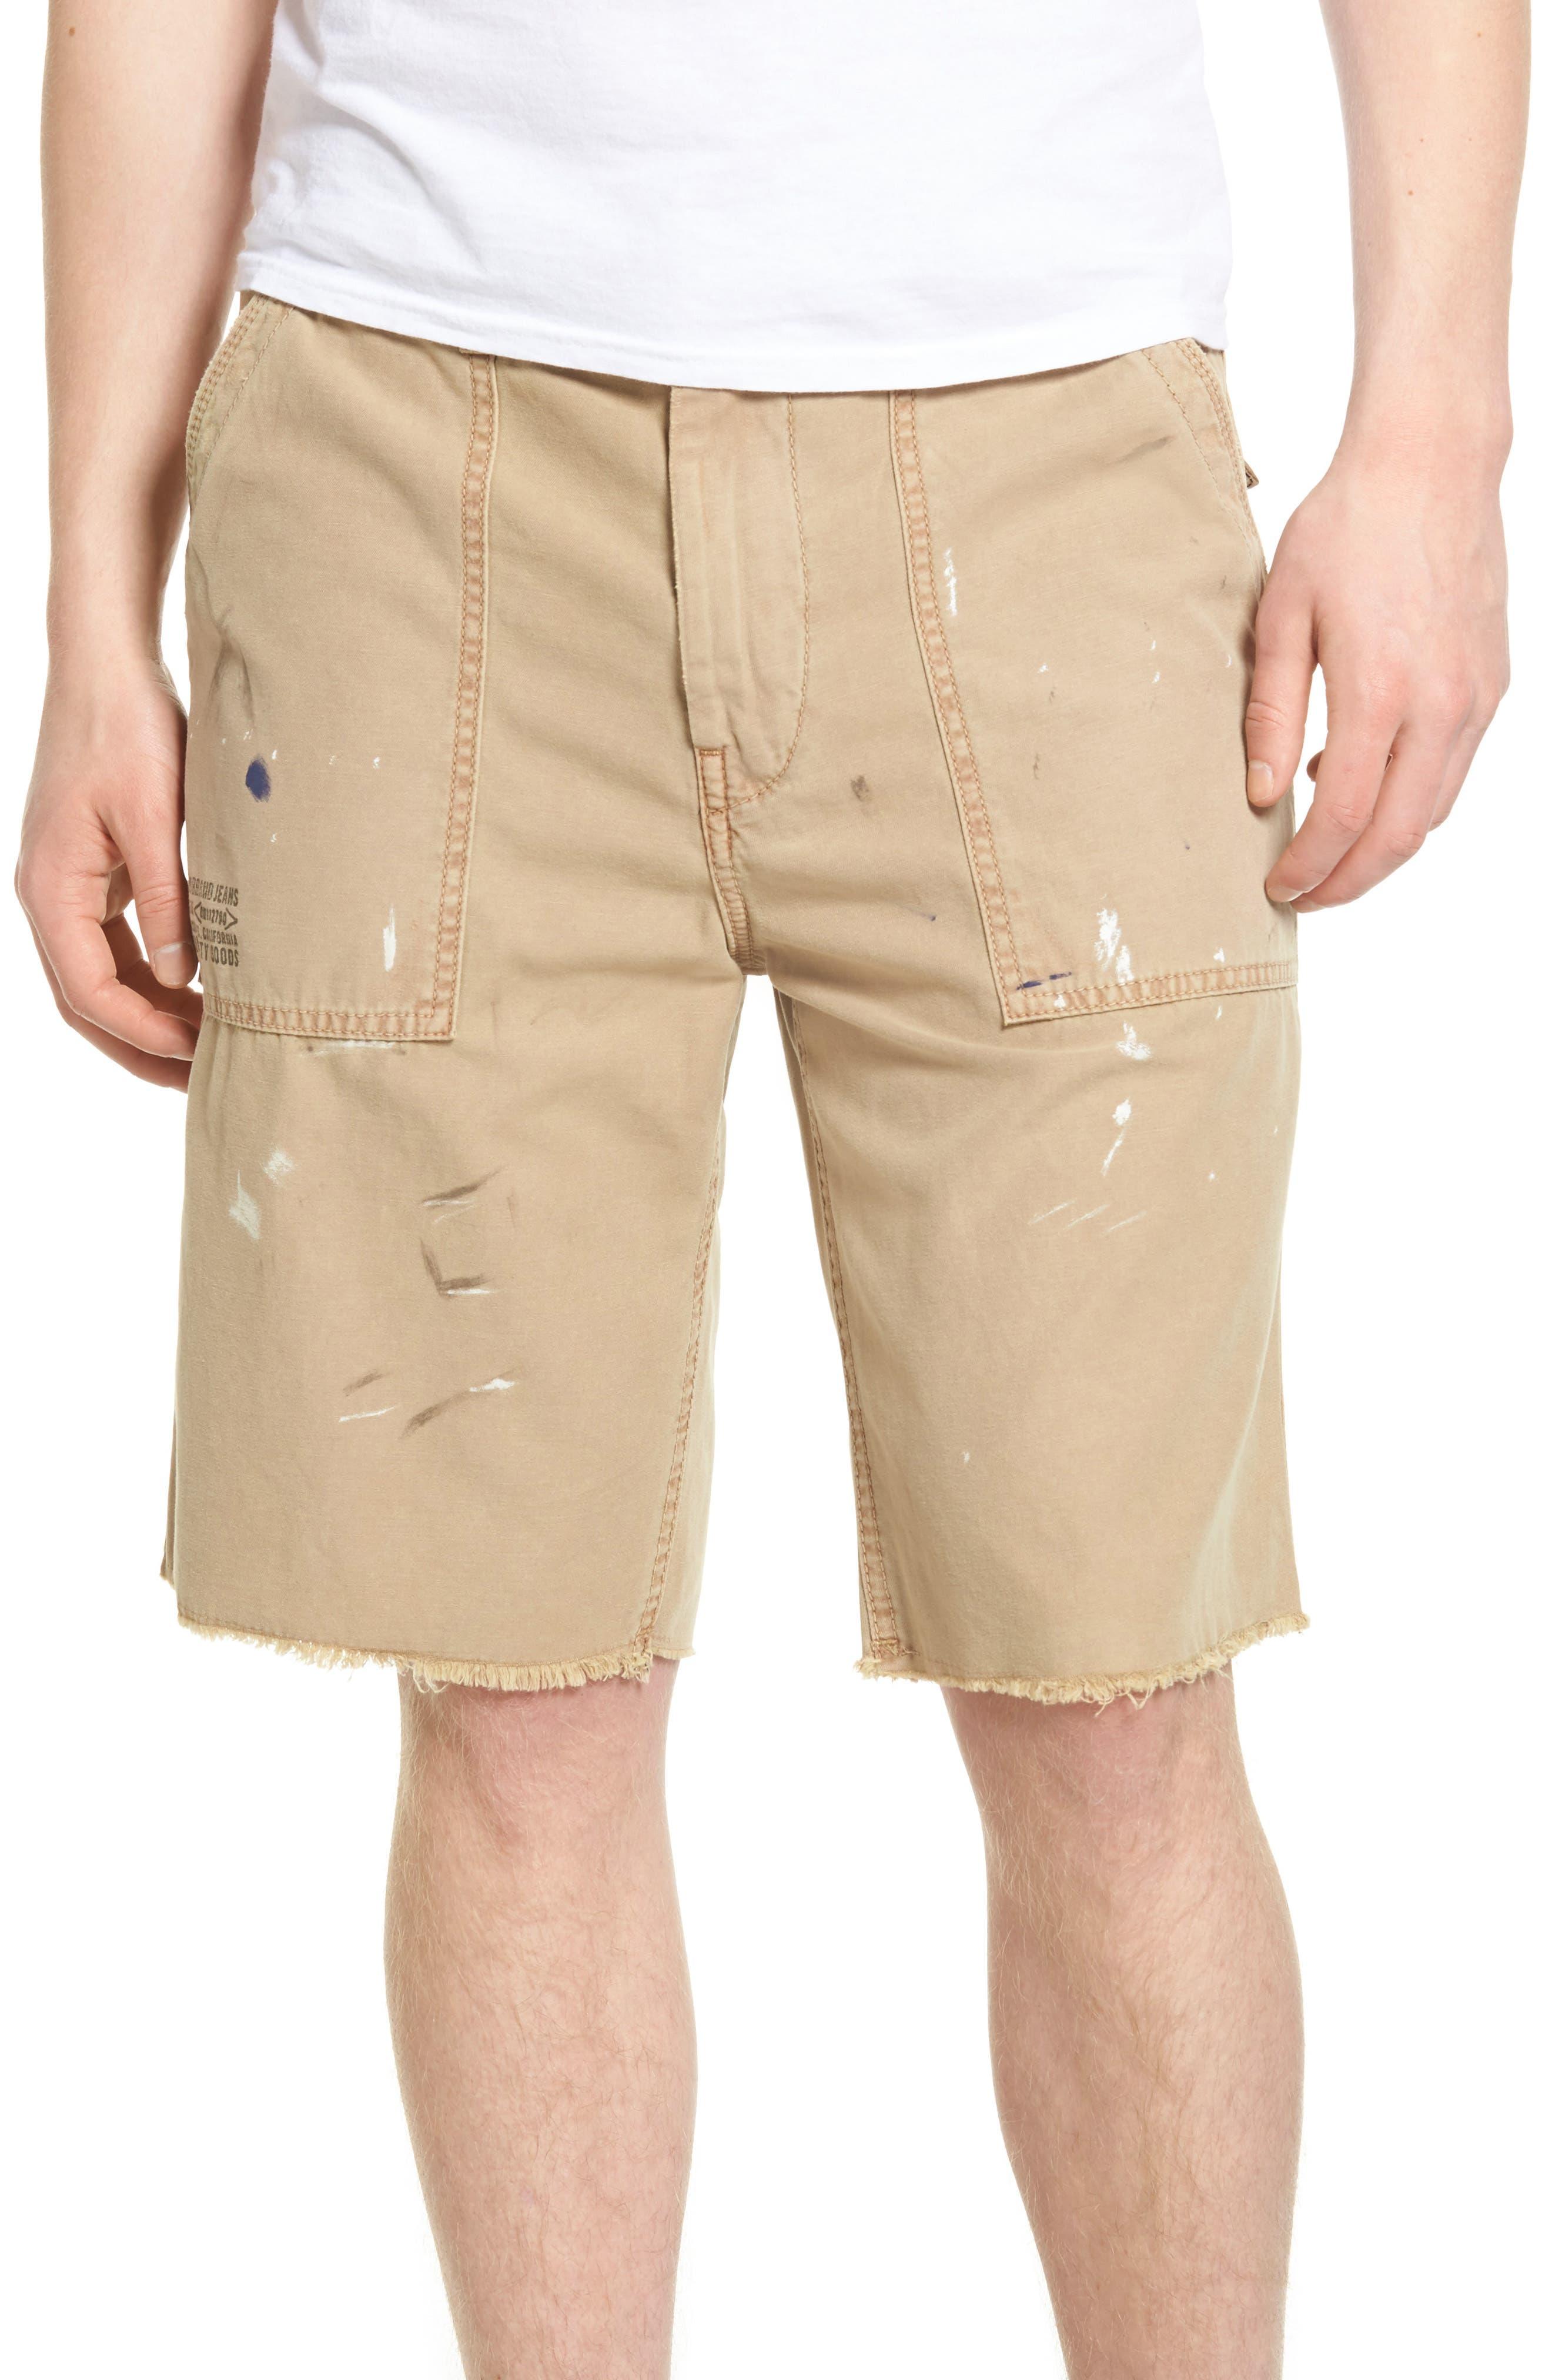 Utility Surplus Shorts,                         Main,                         color, 021